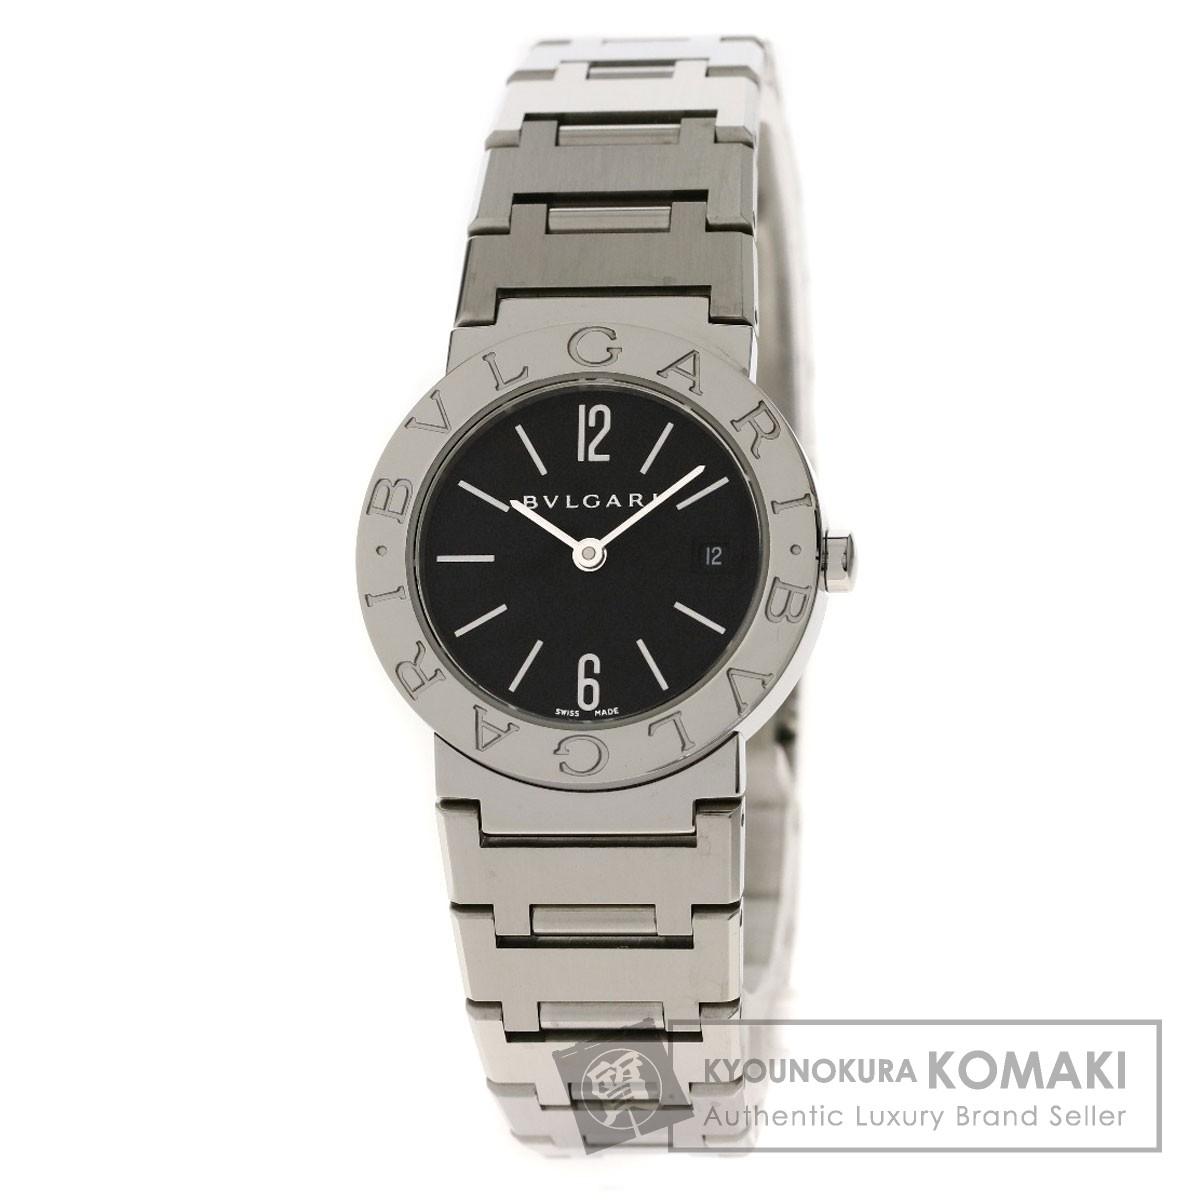 ブルガリ BB26SSD ブルガリブルガリ 腕時計 ステンレススチール/SS レディース 【中古】【BVLGARI】